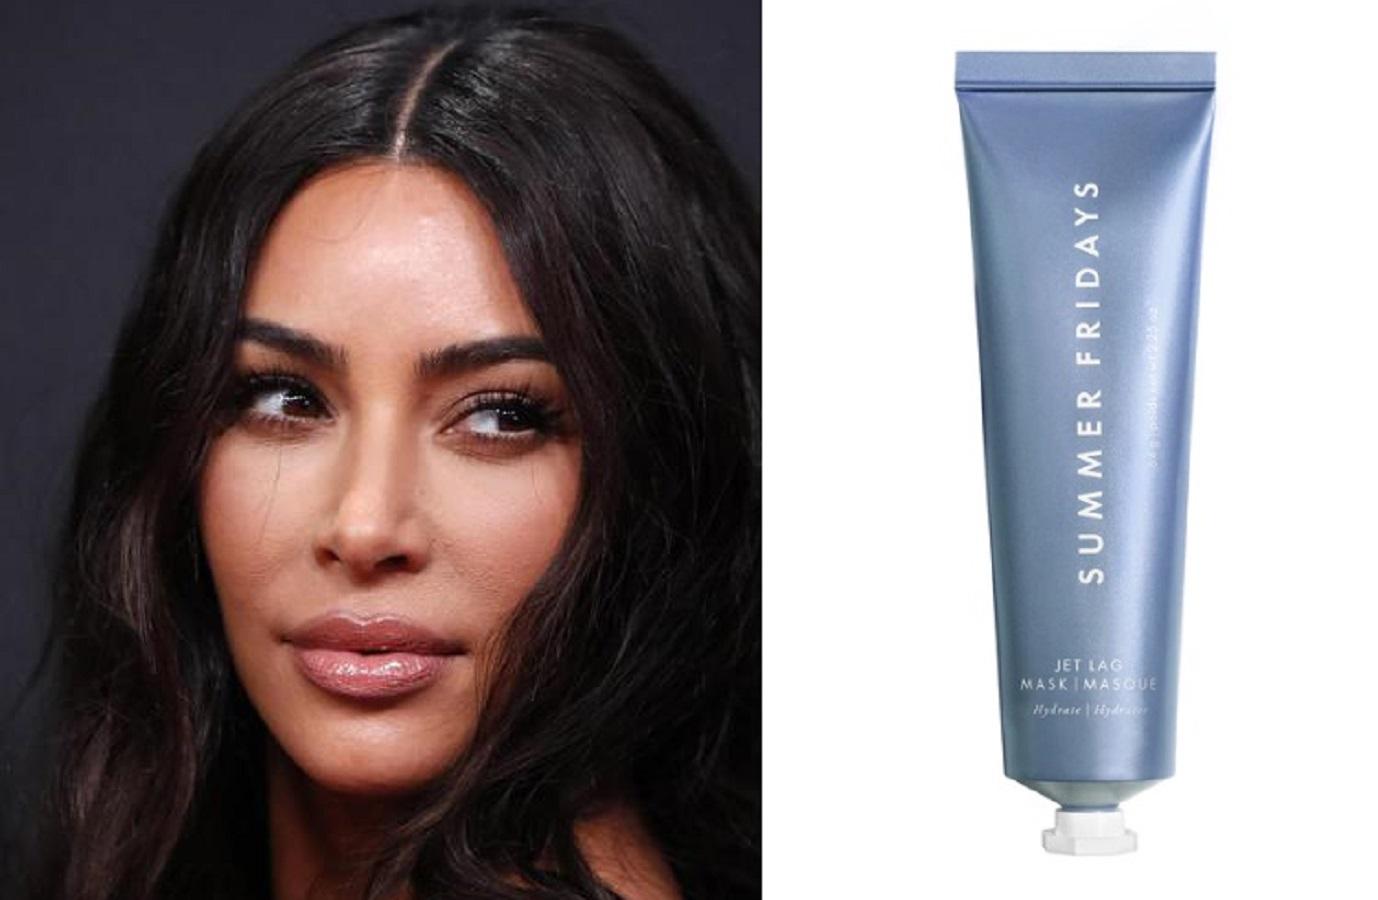 La maschera idratante amata da Kim Kardashian e Jessica Alba